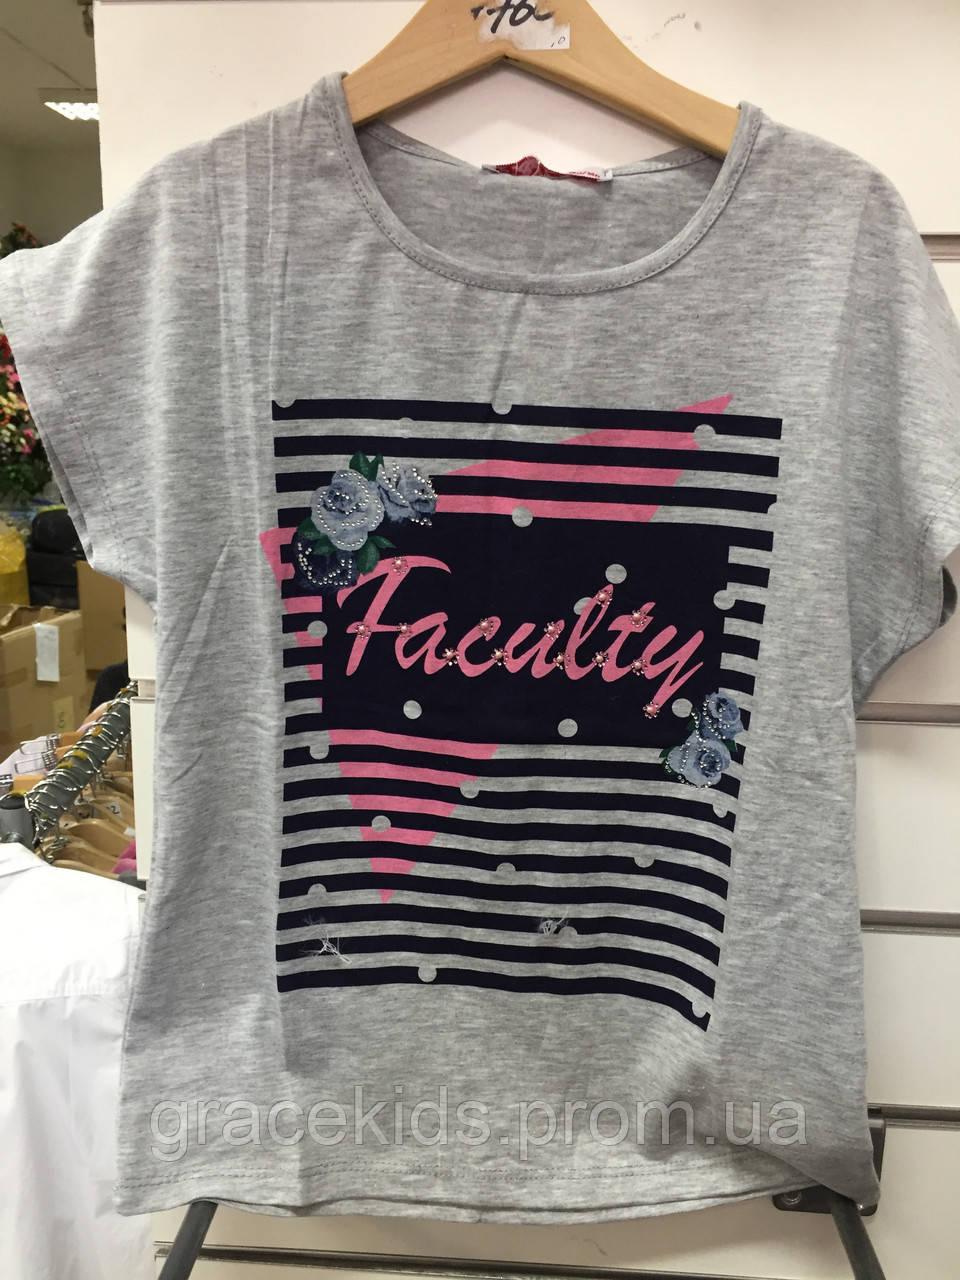 Подростковая футболка для девочек